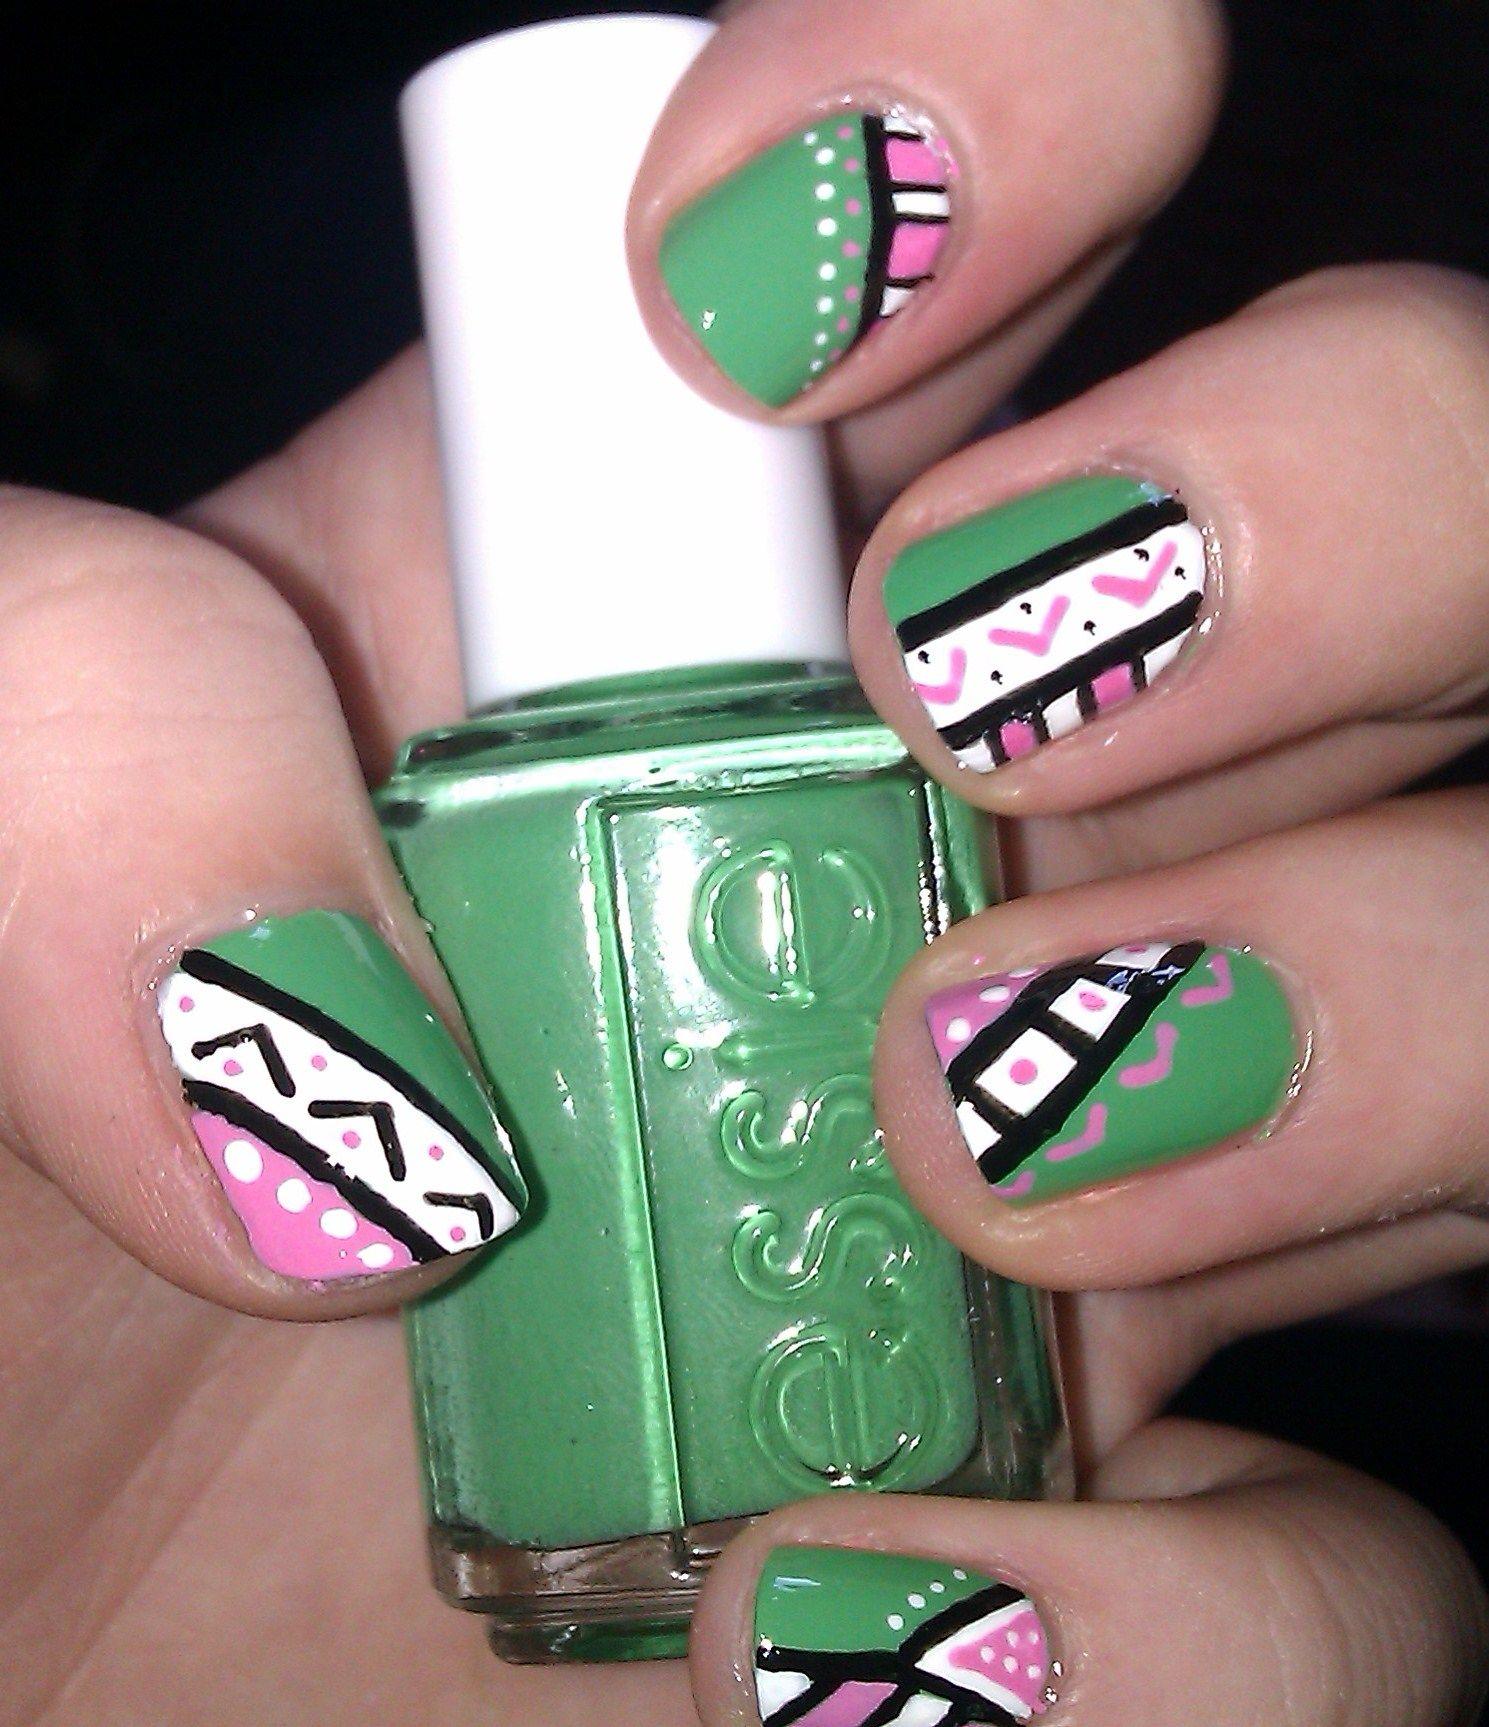 Aztec Design Nail Art | Designs nail art, Nail nail and Creative nails